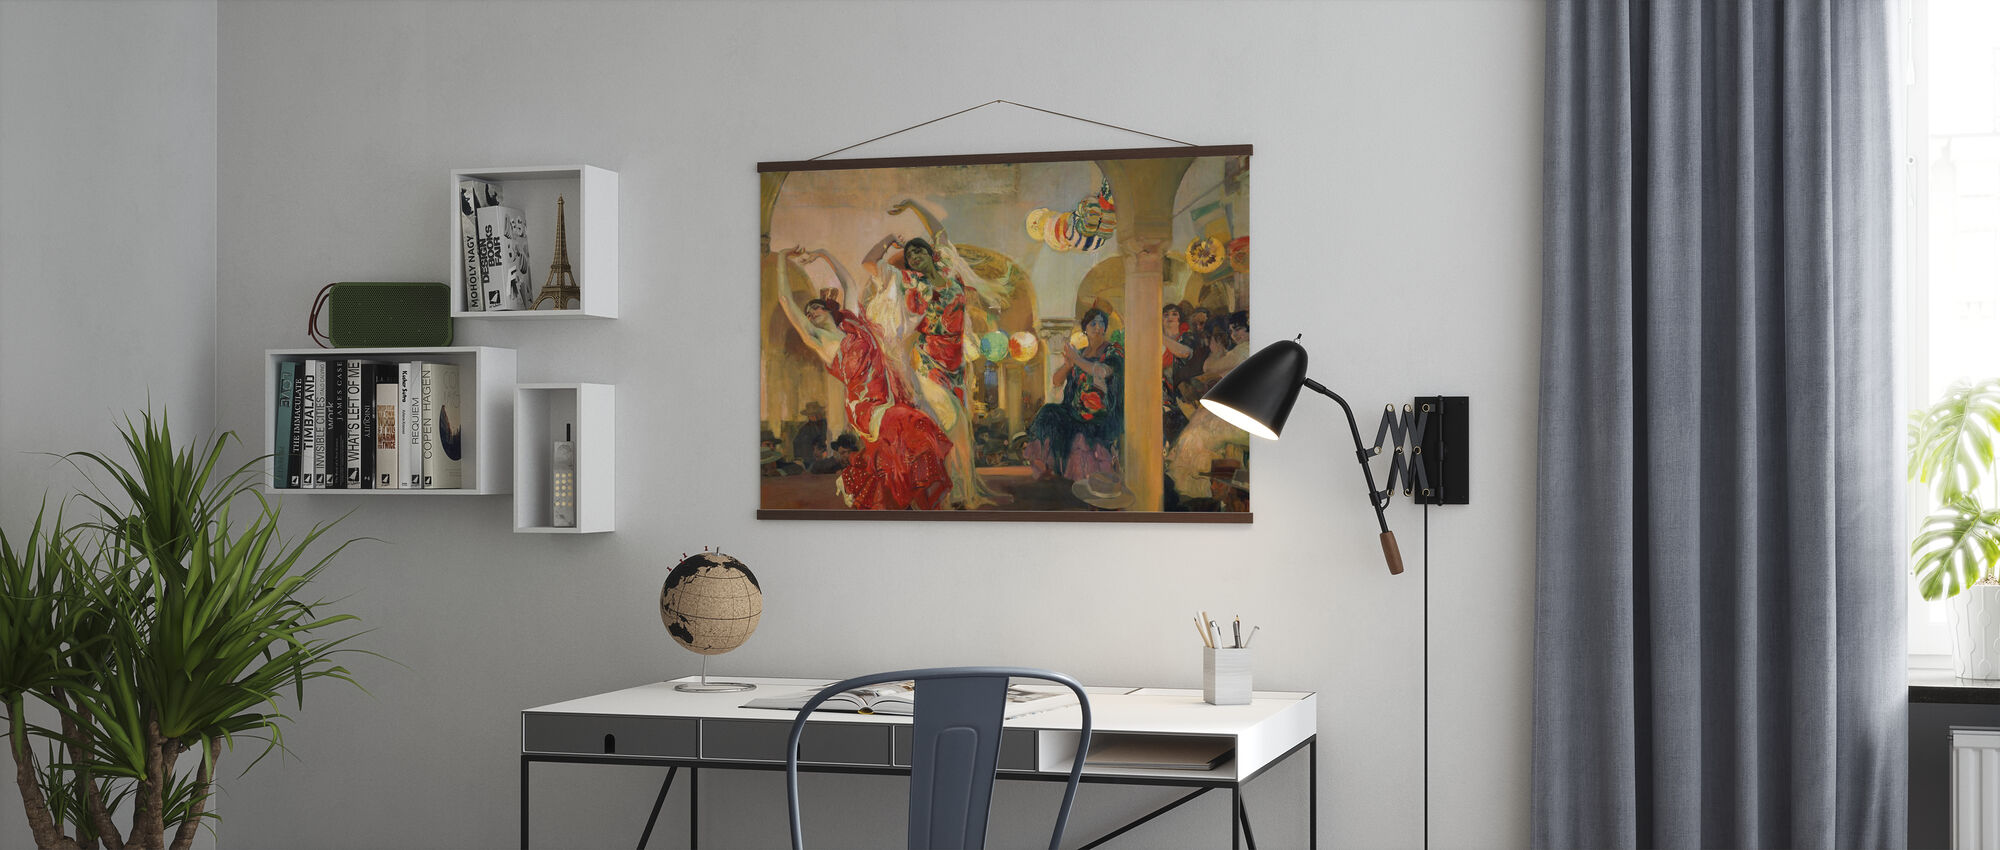 Vrouwen Dansen - Joaquin Sorolla - Poster - Kantoor